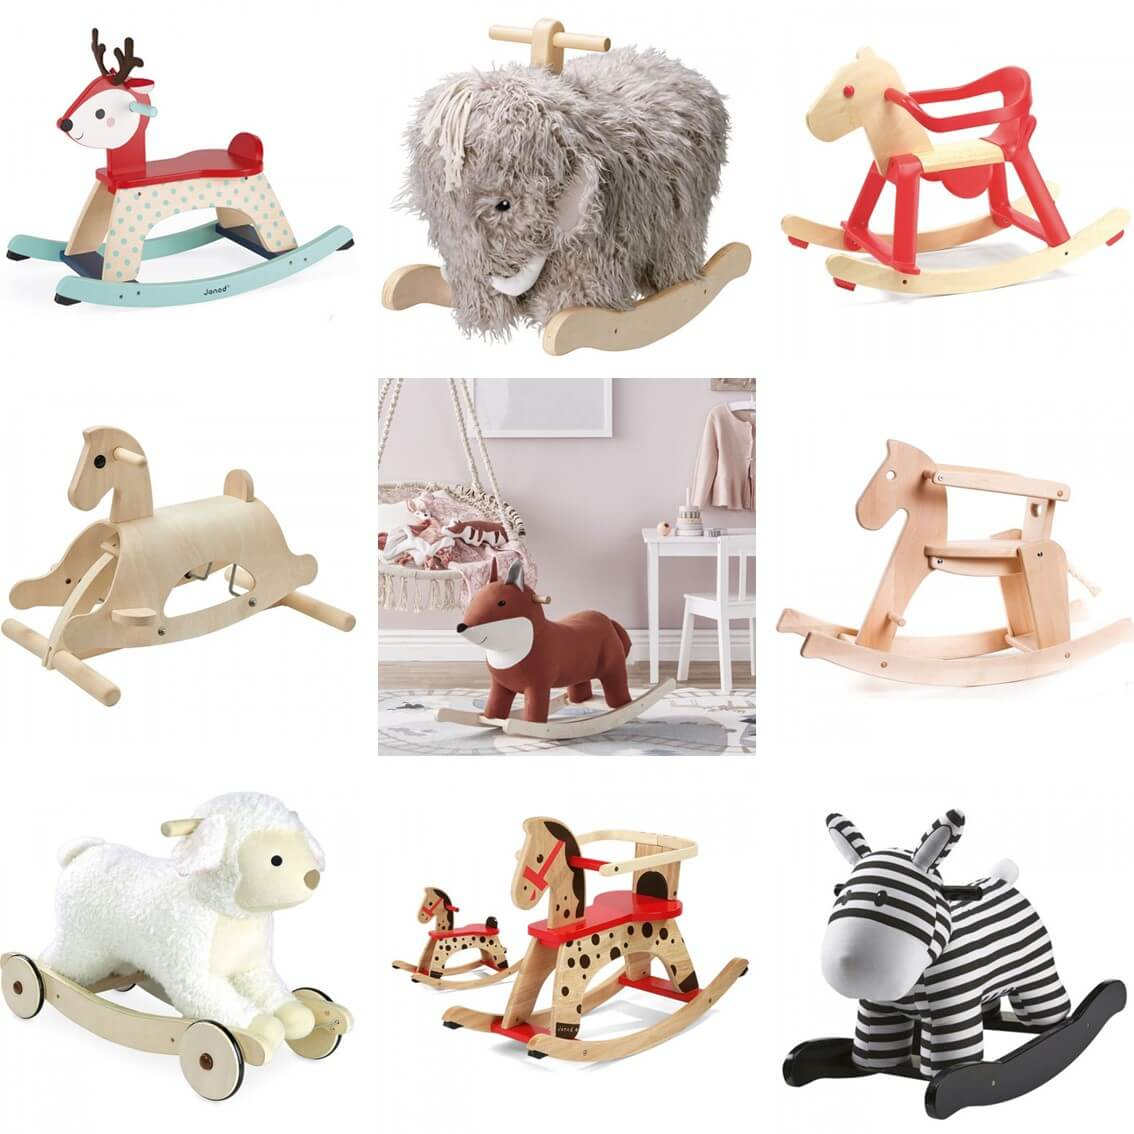 Leukste kraamcadeau: 101 cadeau ideeën voor de geboorte van een baby - karretjes en hobbelpaarden